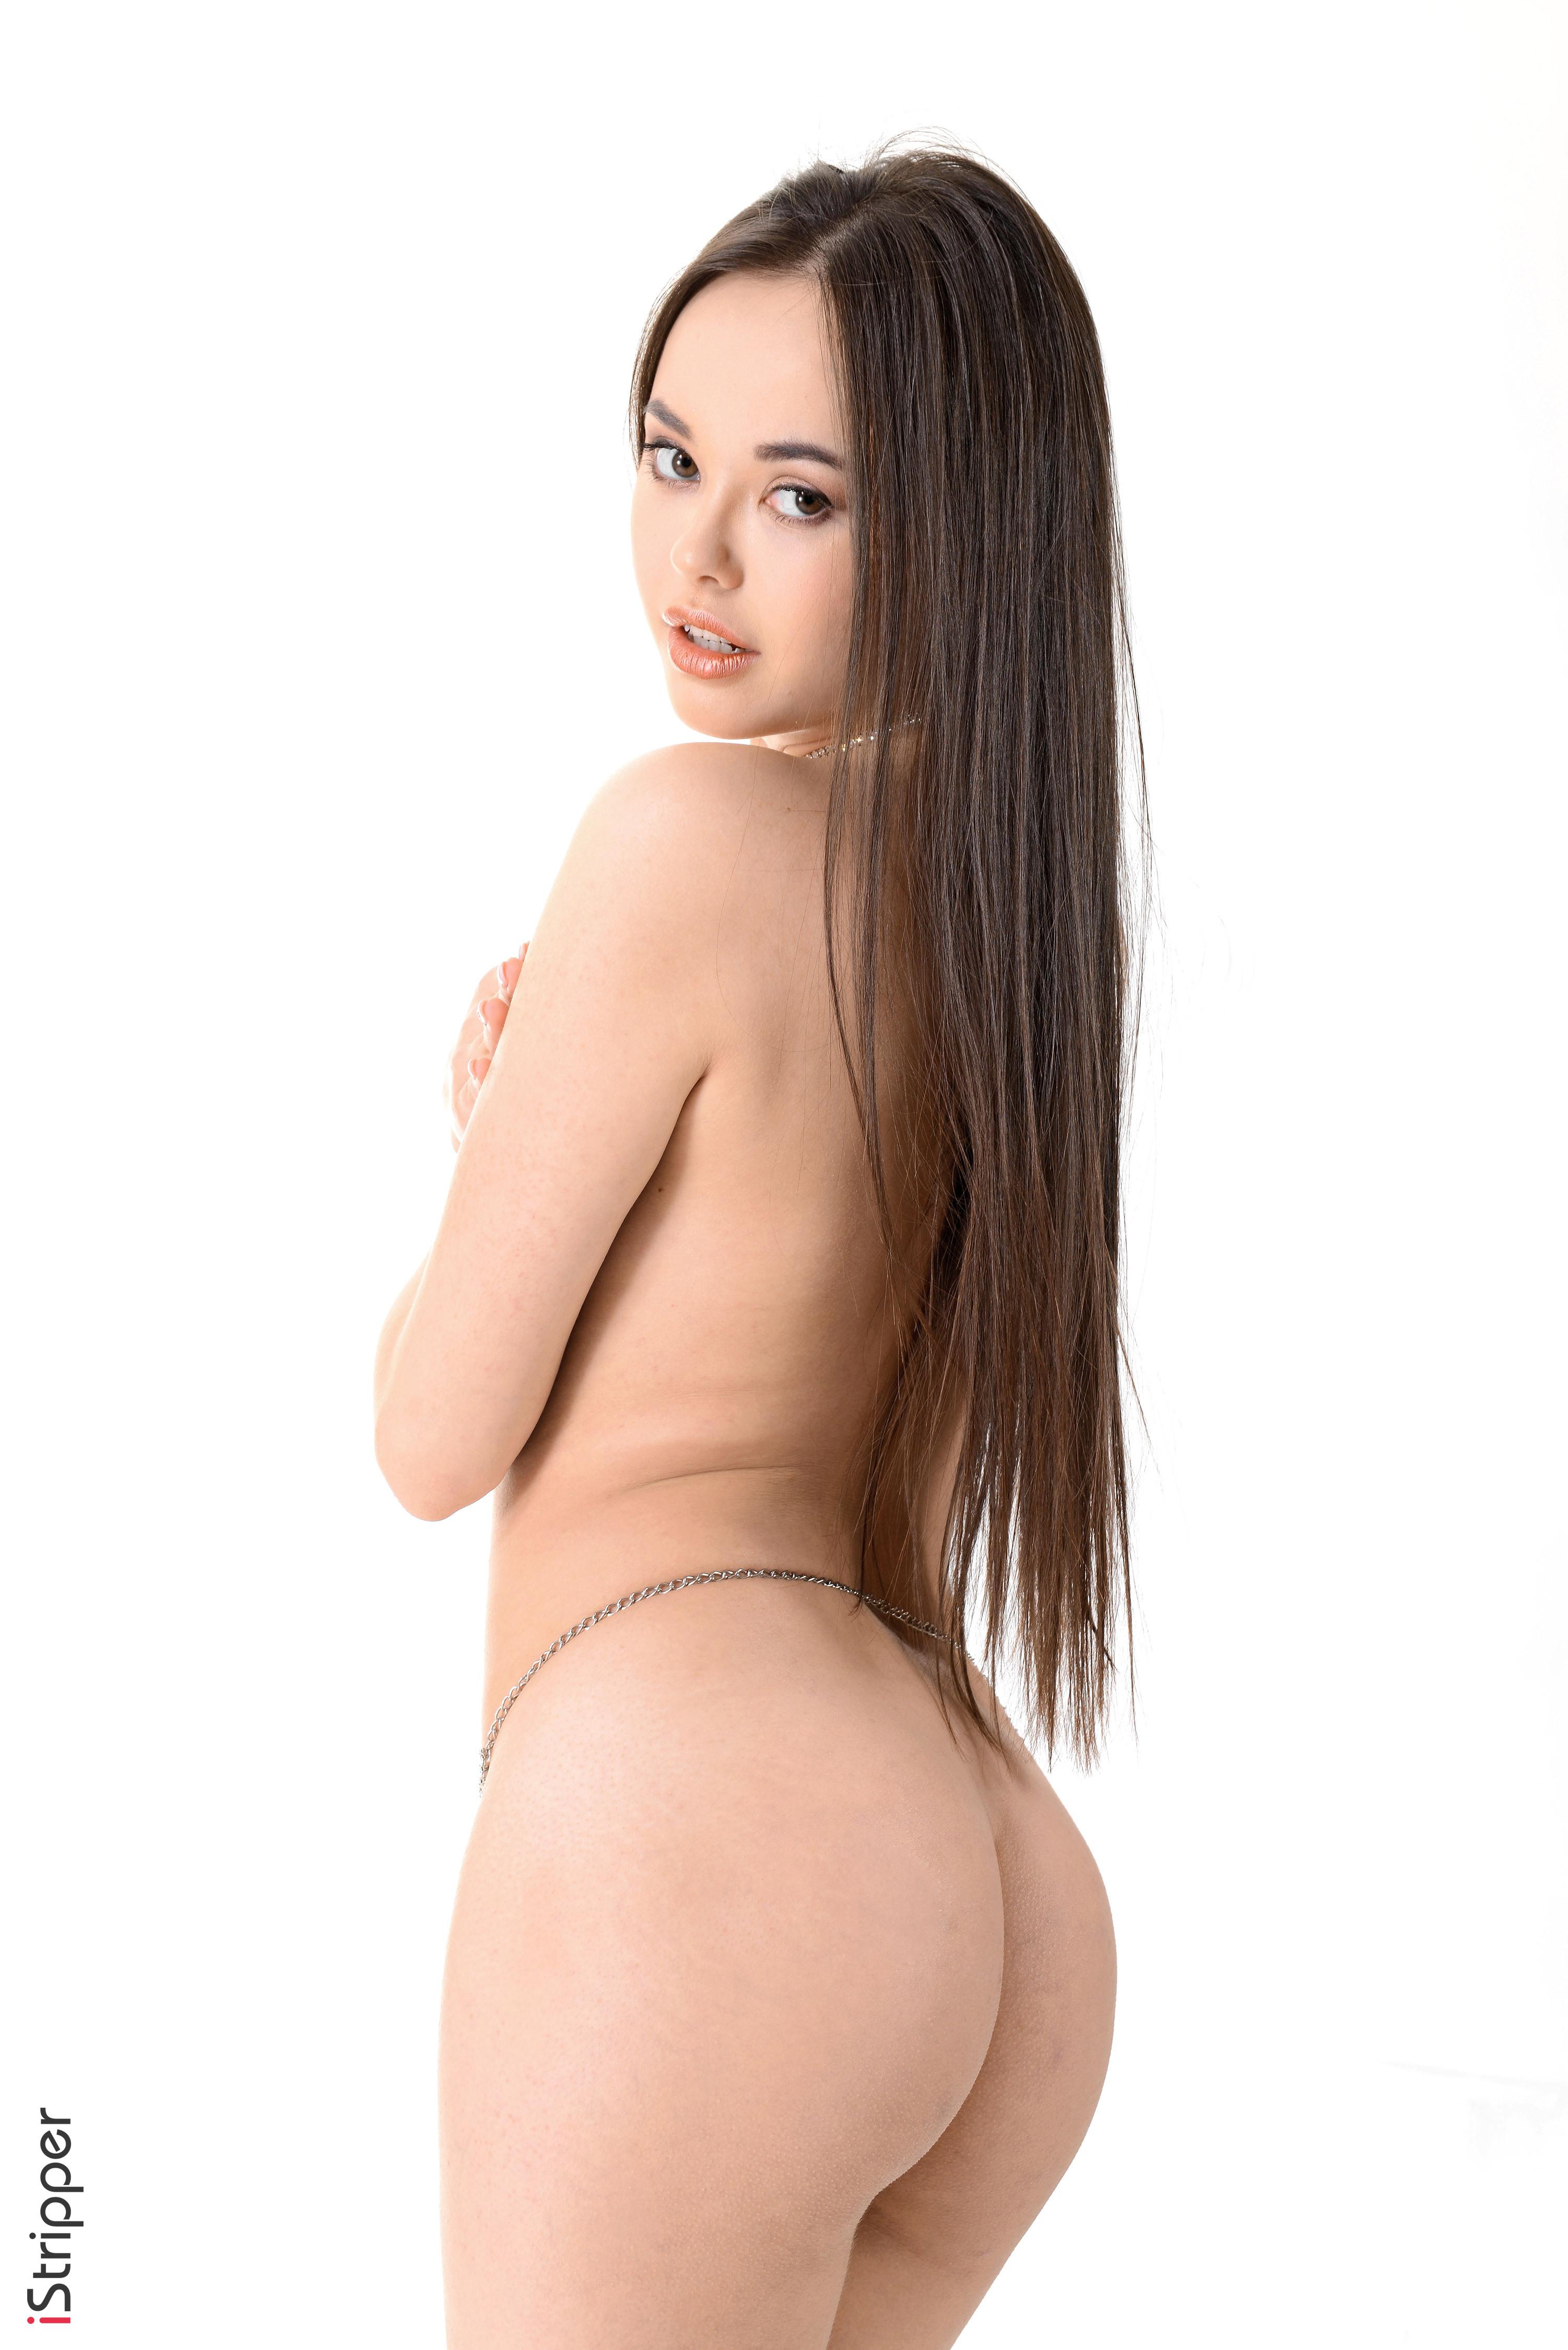 sexy hot girls wallpaper